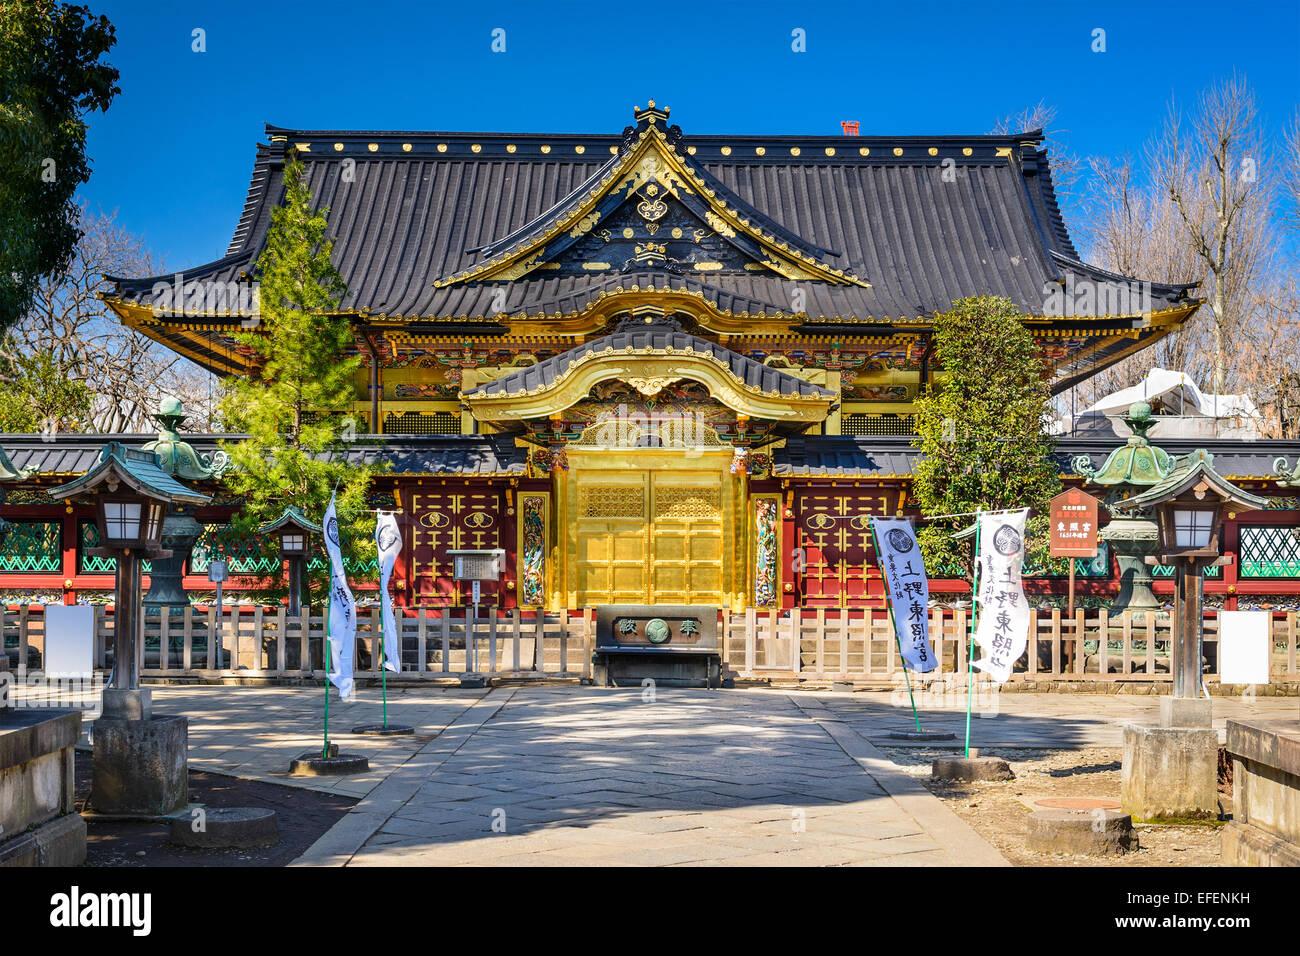 Al Santuario di Toshogu nel Parco di Ueno a Tokyo in Giappone. Immagini Stock